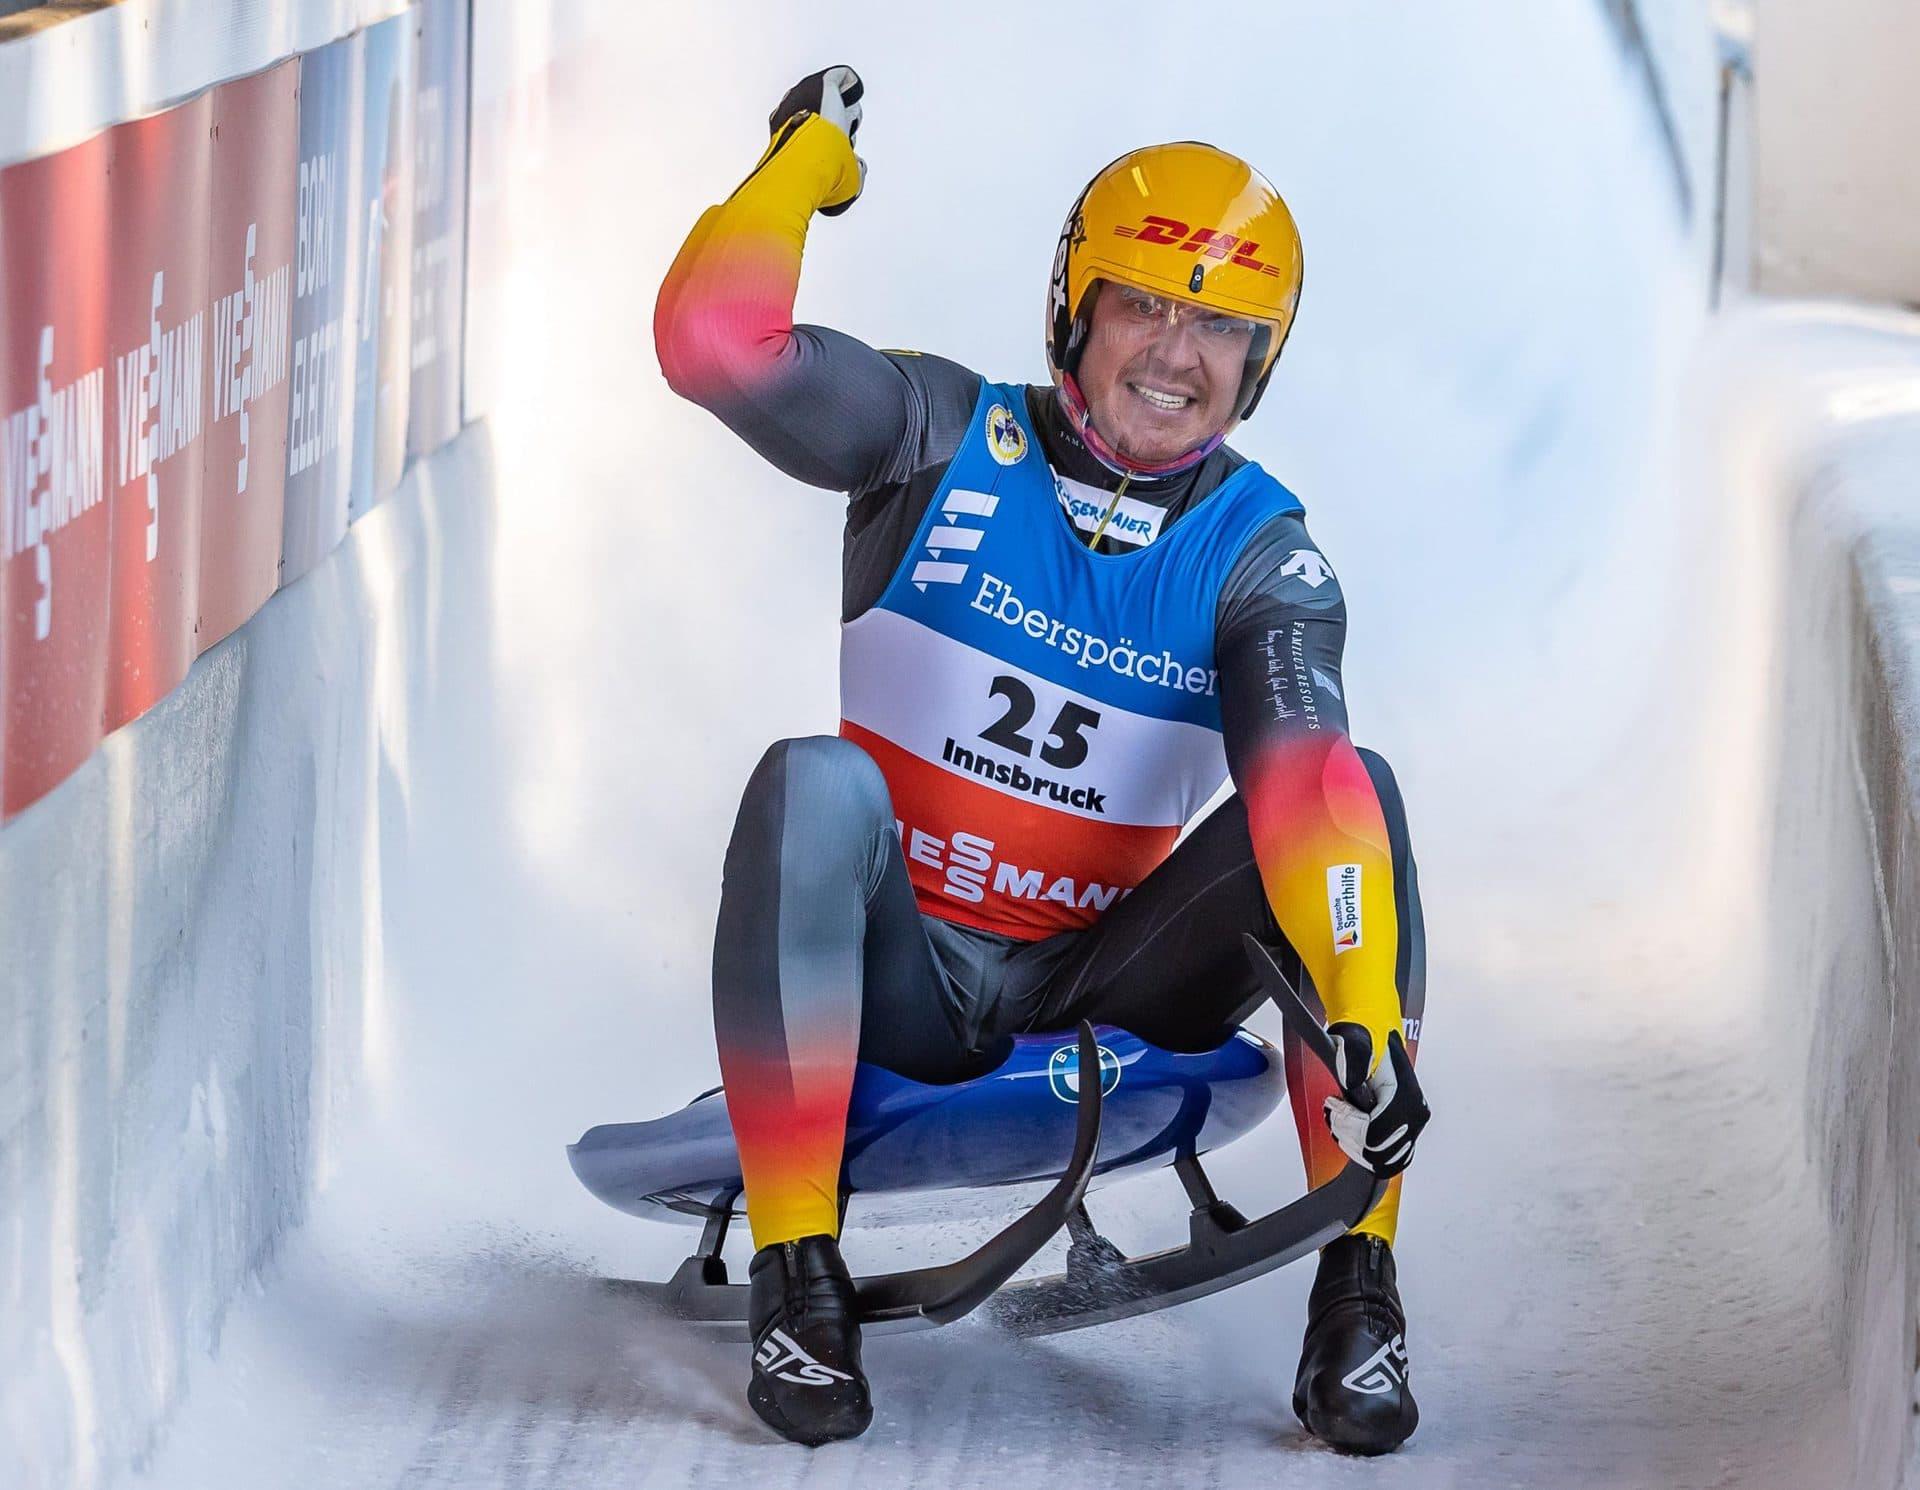 Starker Einstand für deutsche Rodler: Loch siegt vor Ludwig Weltcup in Innsbruck